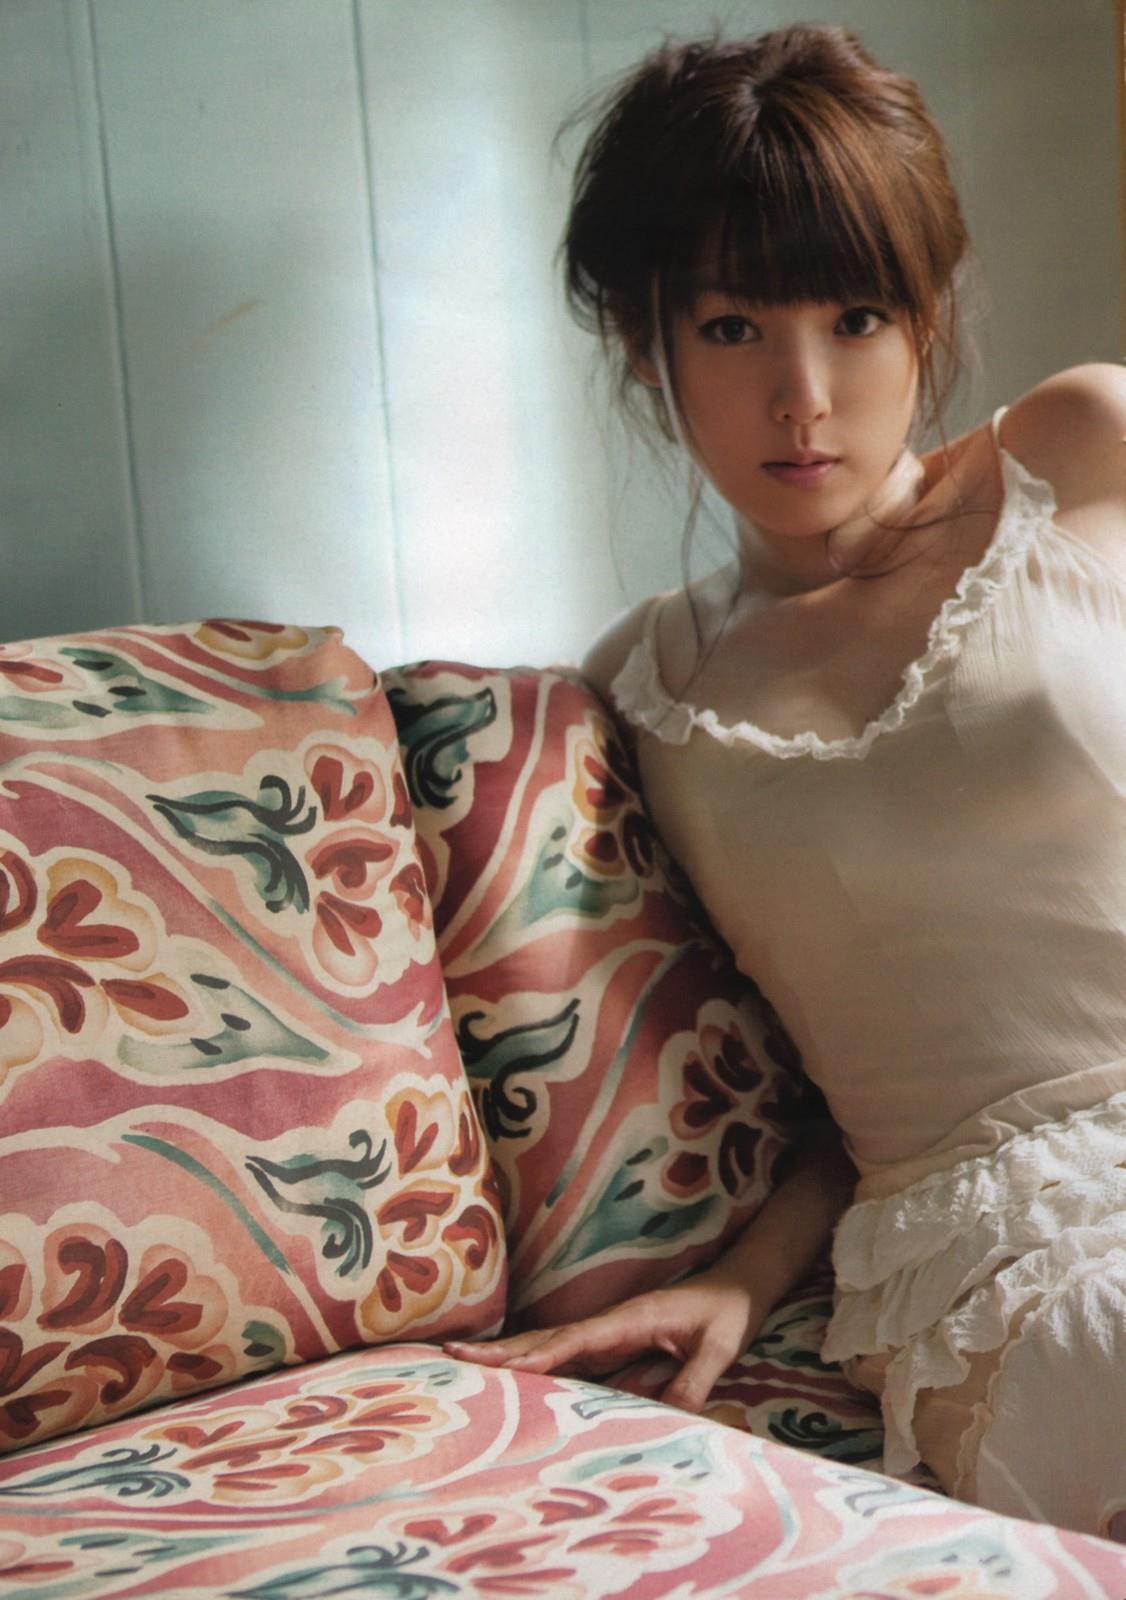 深田恭子 画像 74